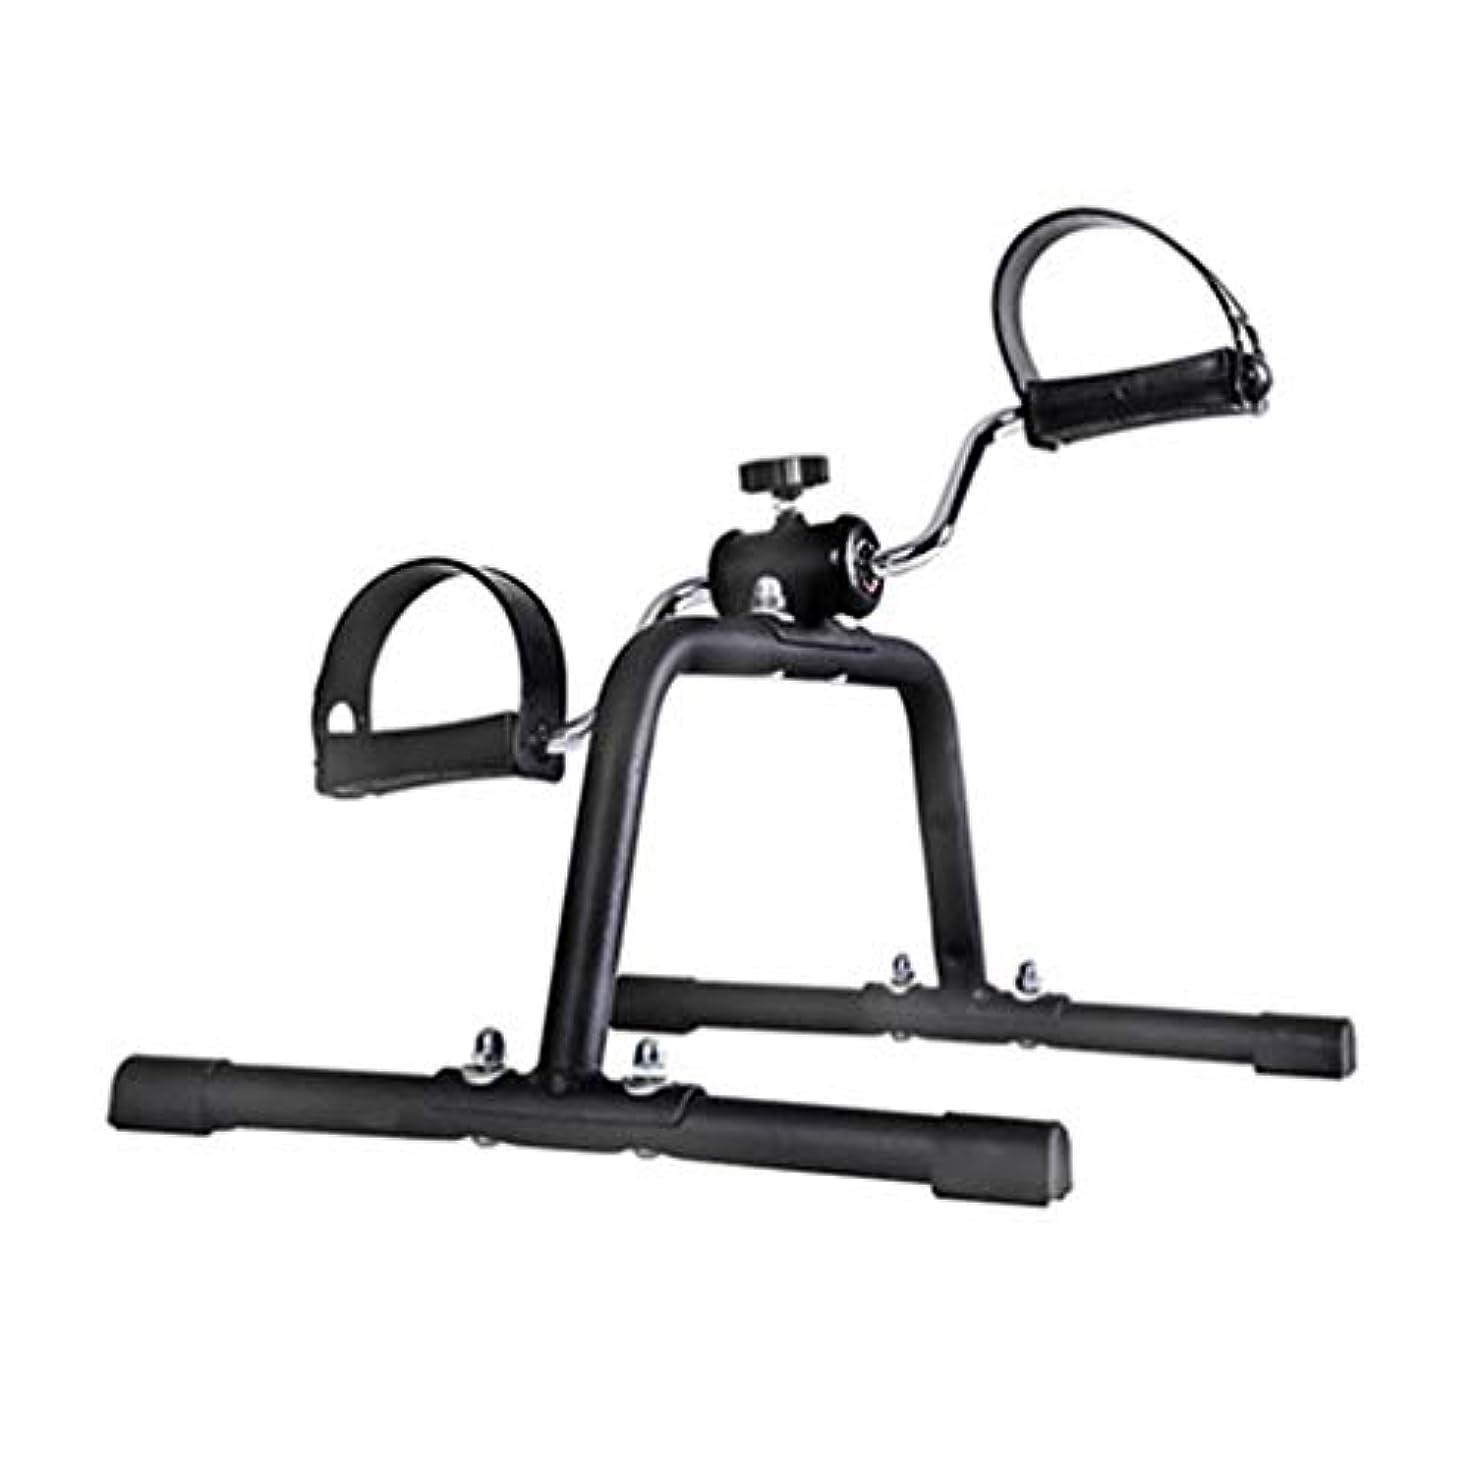 簡潔な可動敬なポータブルアームと脚ペダルエクササイザーホームインドアミニエクササイズバイク抵抗調整可能な高齢者上下肢リハビリテーショントレーニングマシン,A